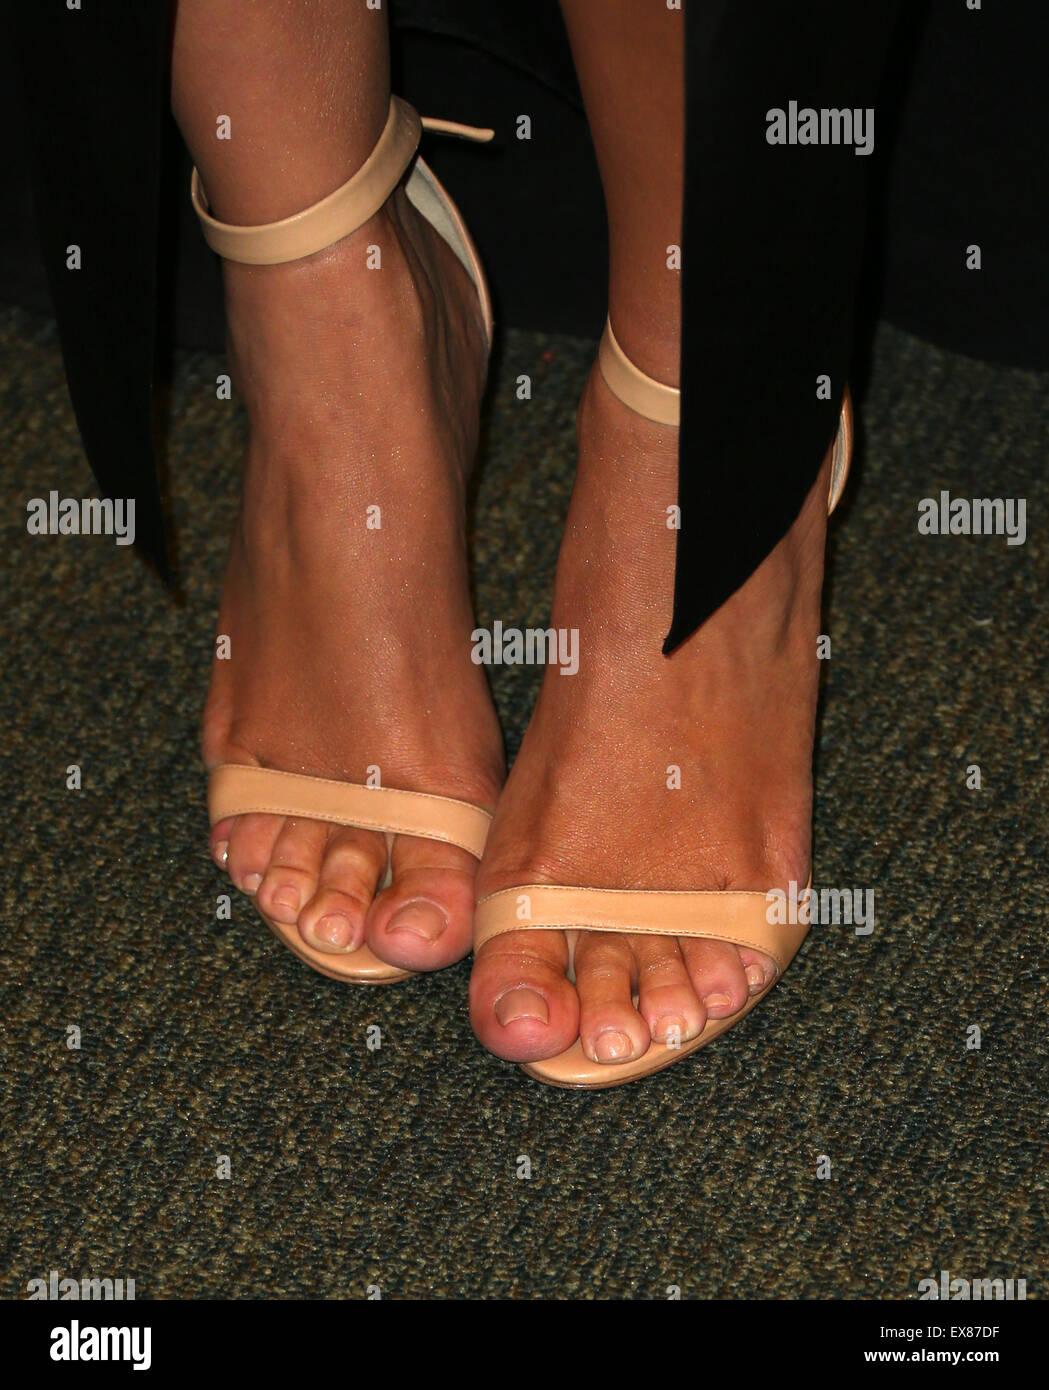 Kim Kardashian signs copies of her new book 'Selfish' at Barns and